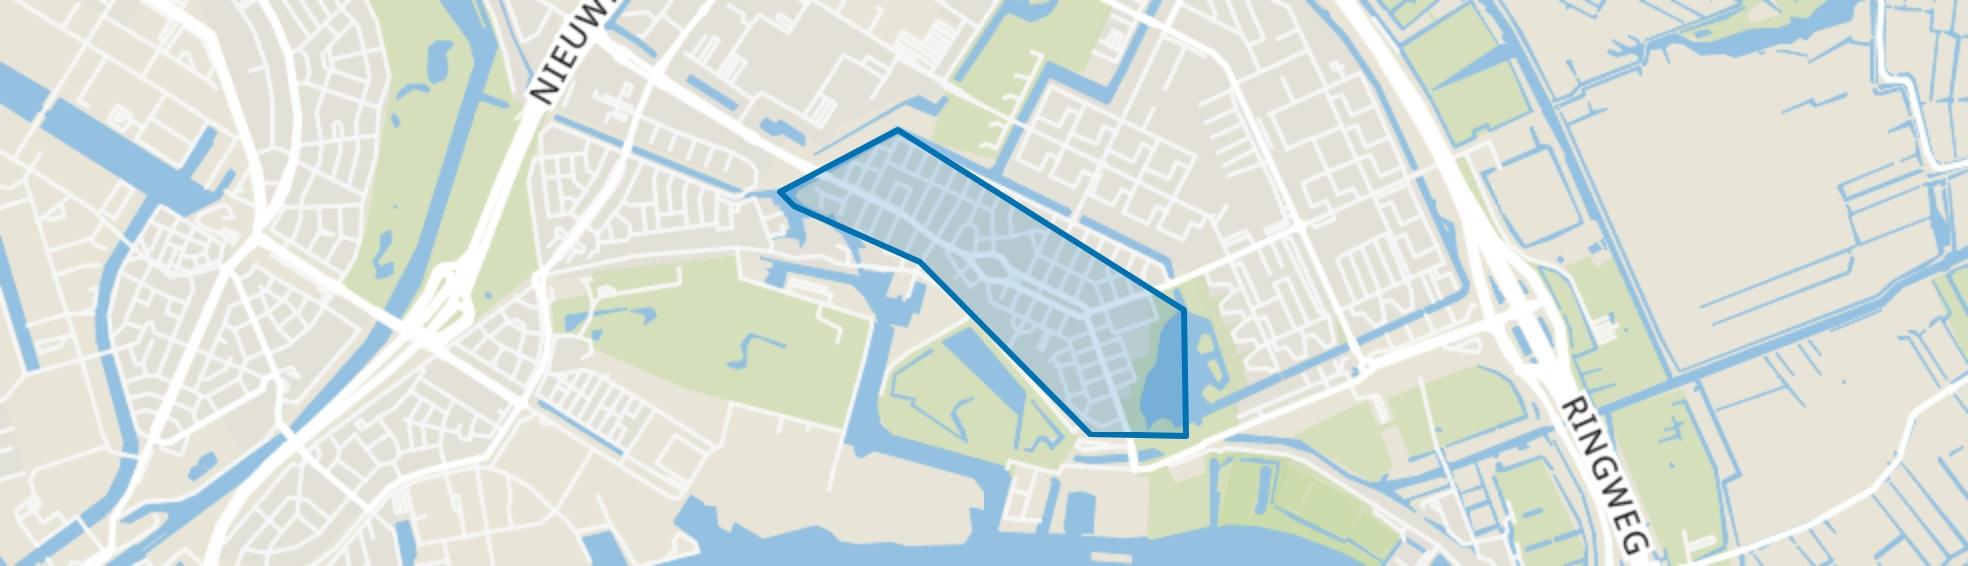 Tuindorp Nieuwendam, Amsterdam map